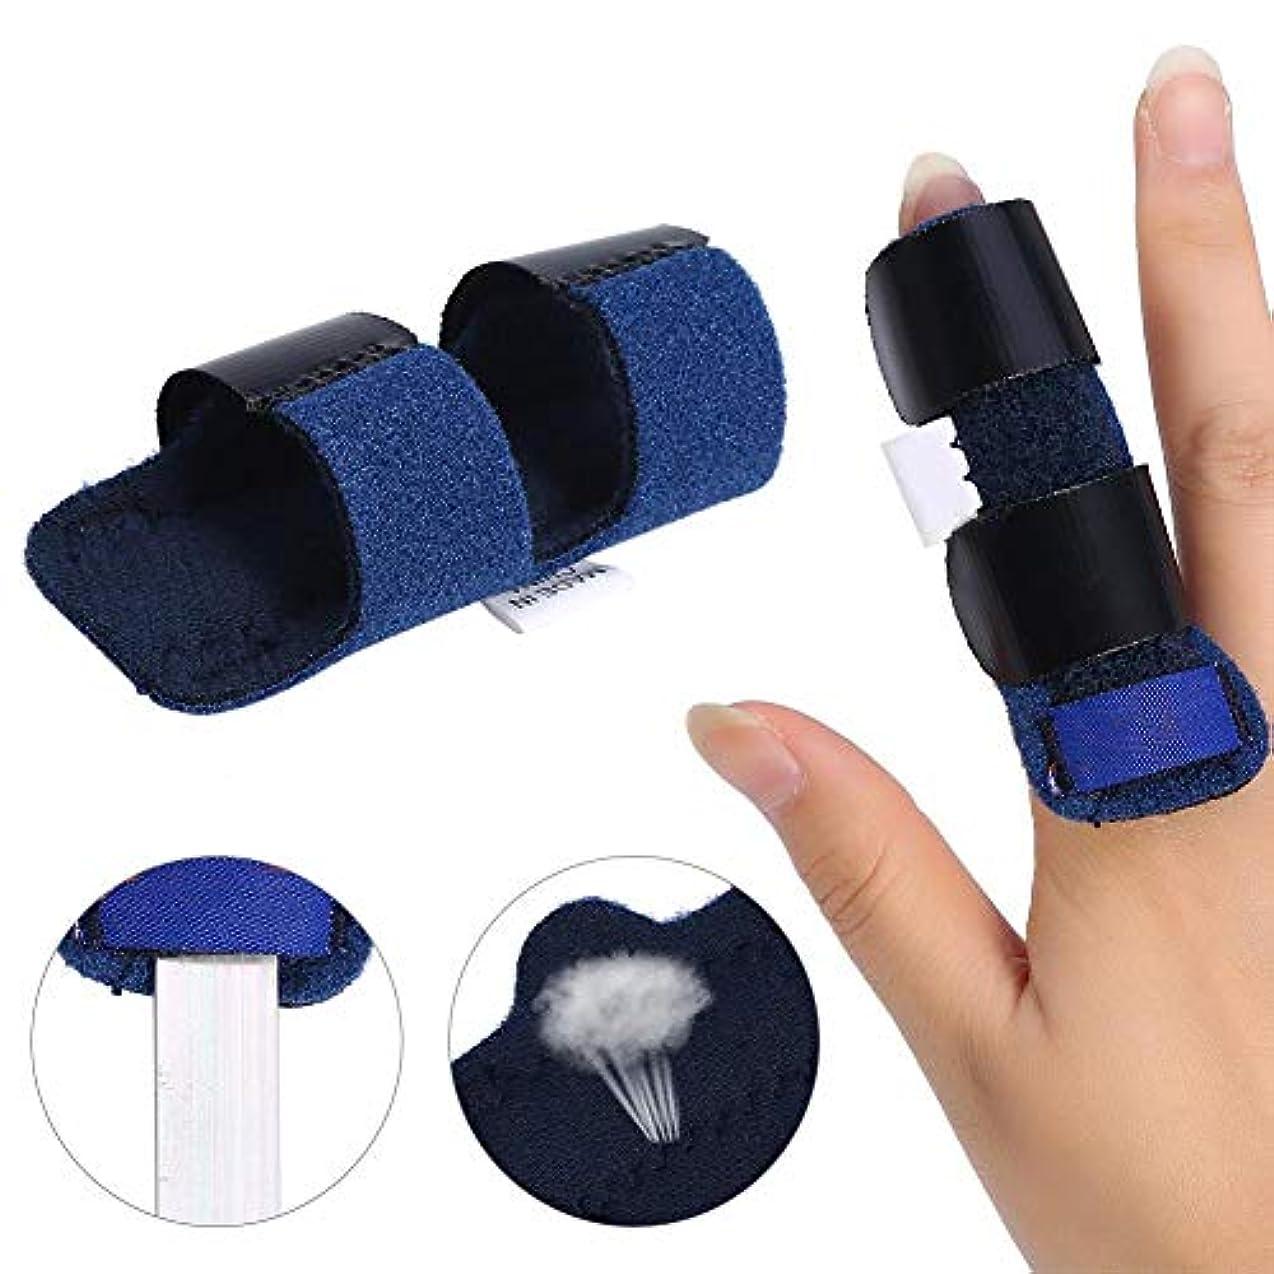 める前部世界に死んだ指の副木、調整可能なトリガー指の固定副木矯正ブレースコレクターサポート指のひび割れのための痛みの緩和リリースナックルと指の骨折の固定